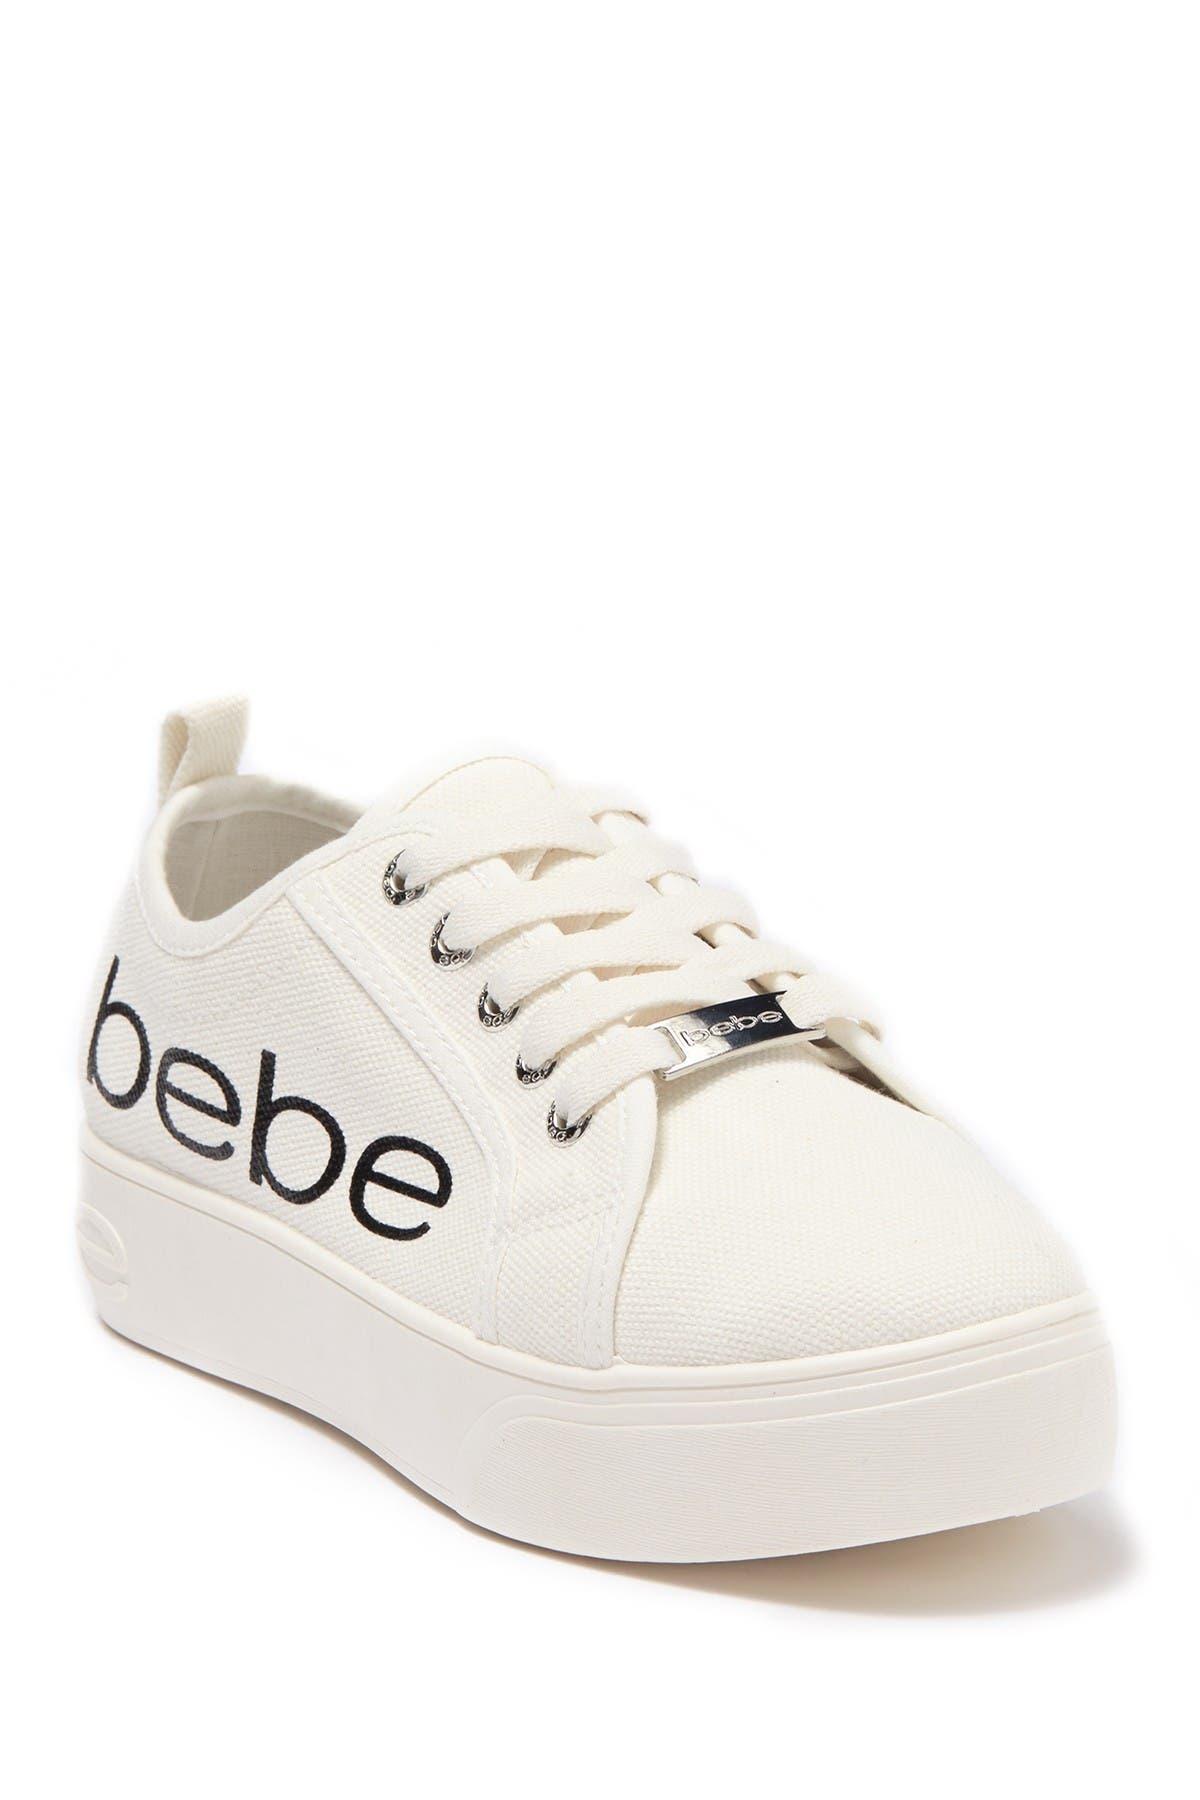 bebe | Destini Platform Sneaker